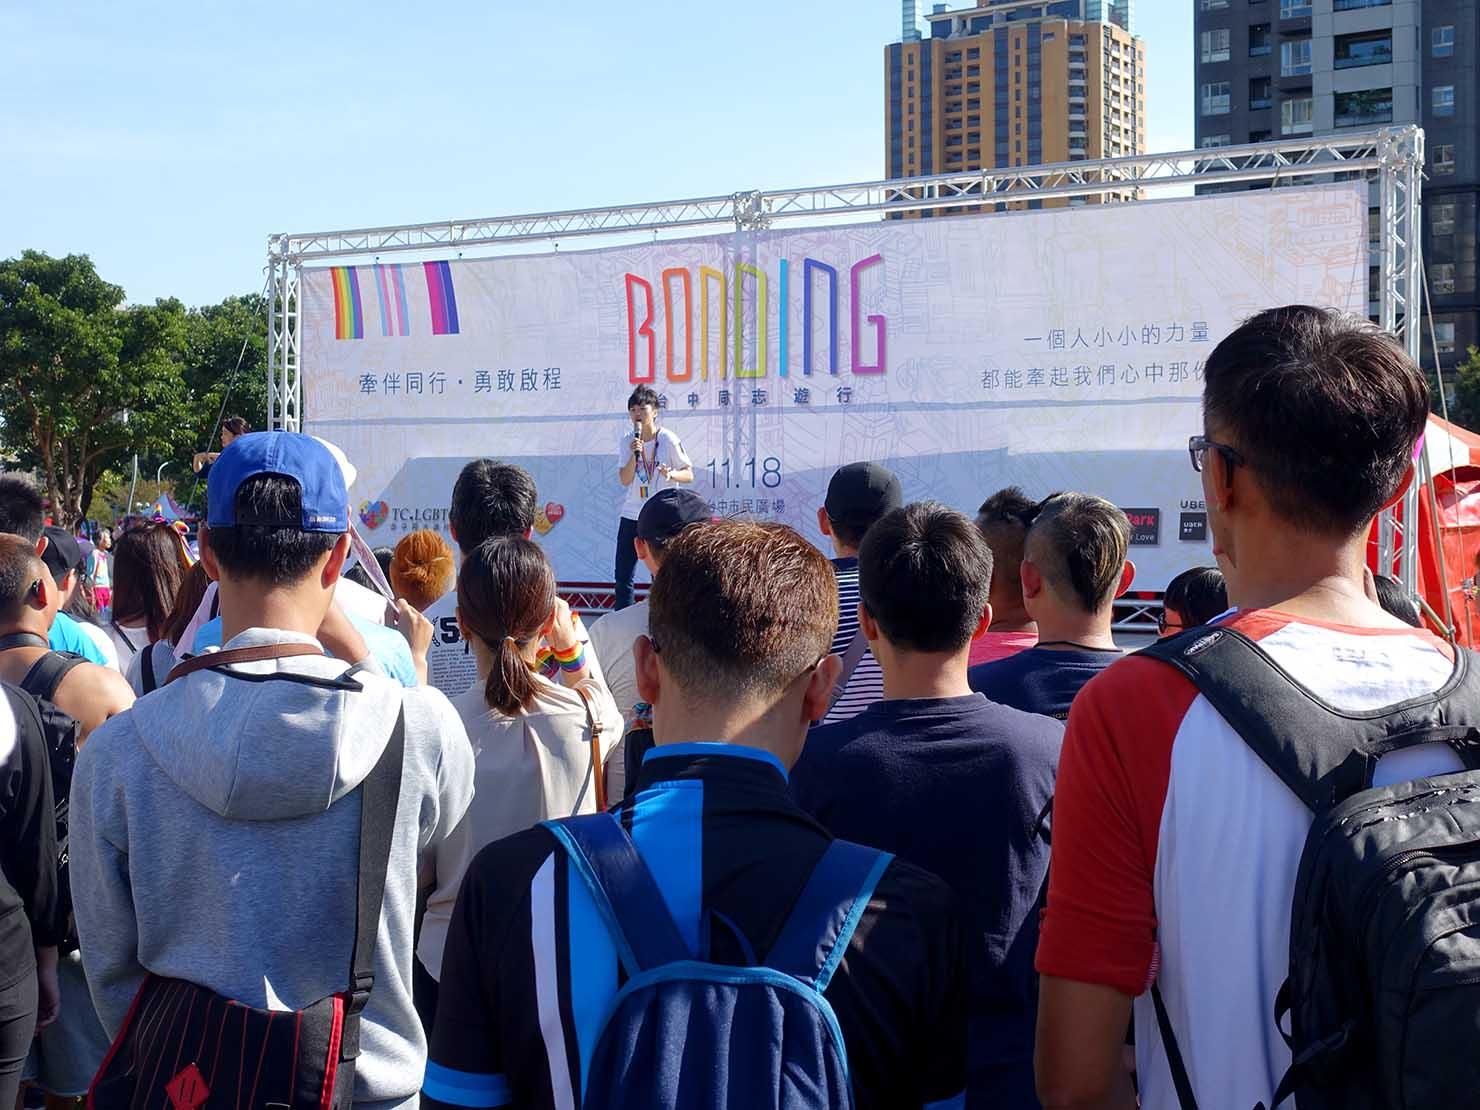 台中同志遊行(台中LGBTプライド)2017会場の特設ステージ